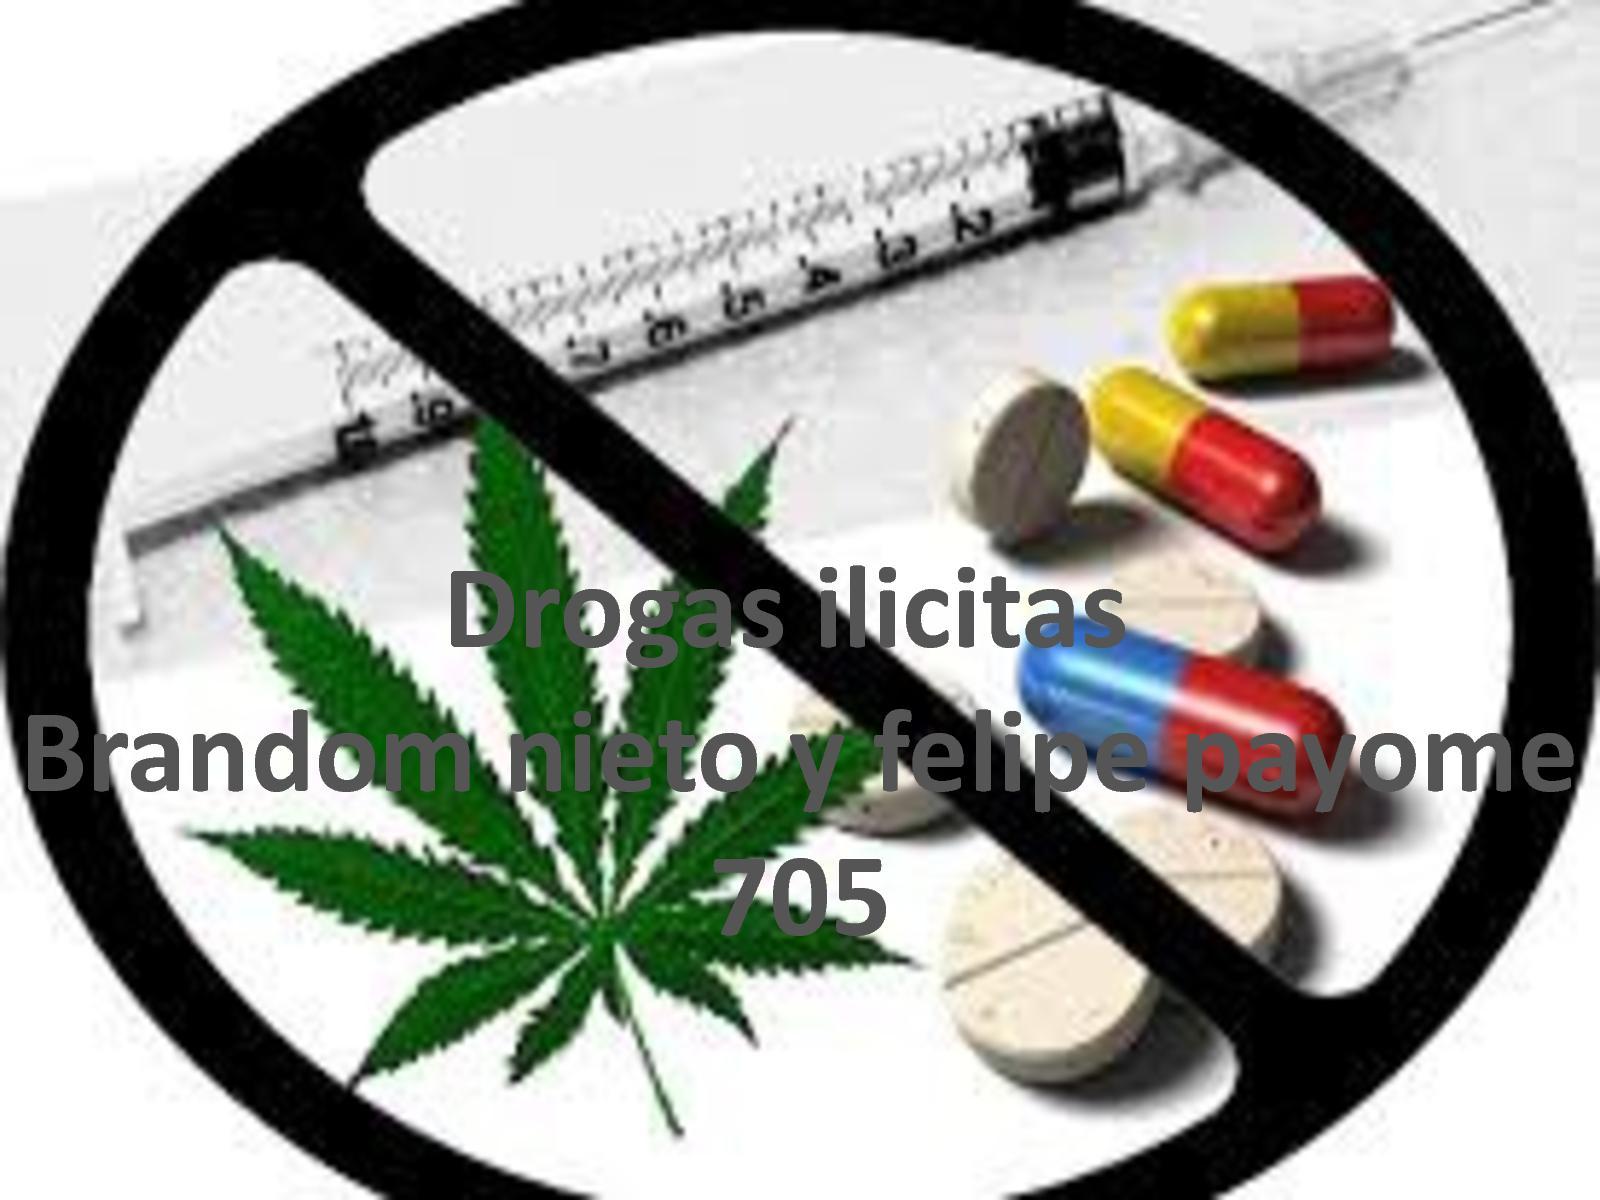 О вреде наркотиков и ответственности за их распространение!